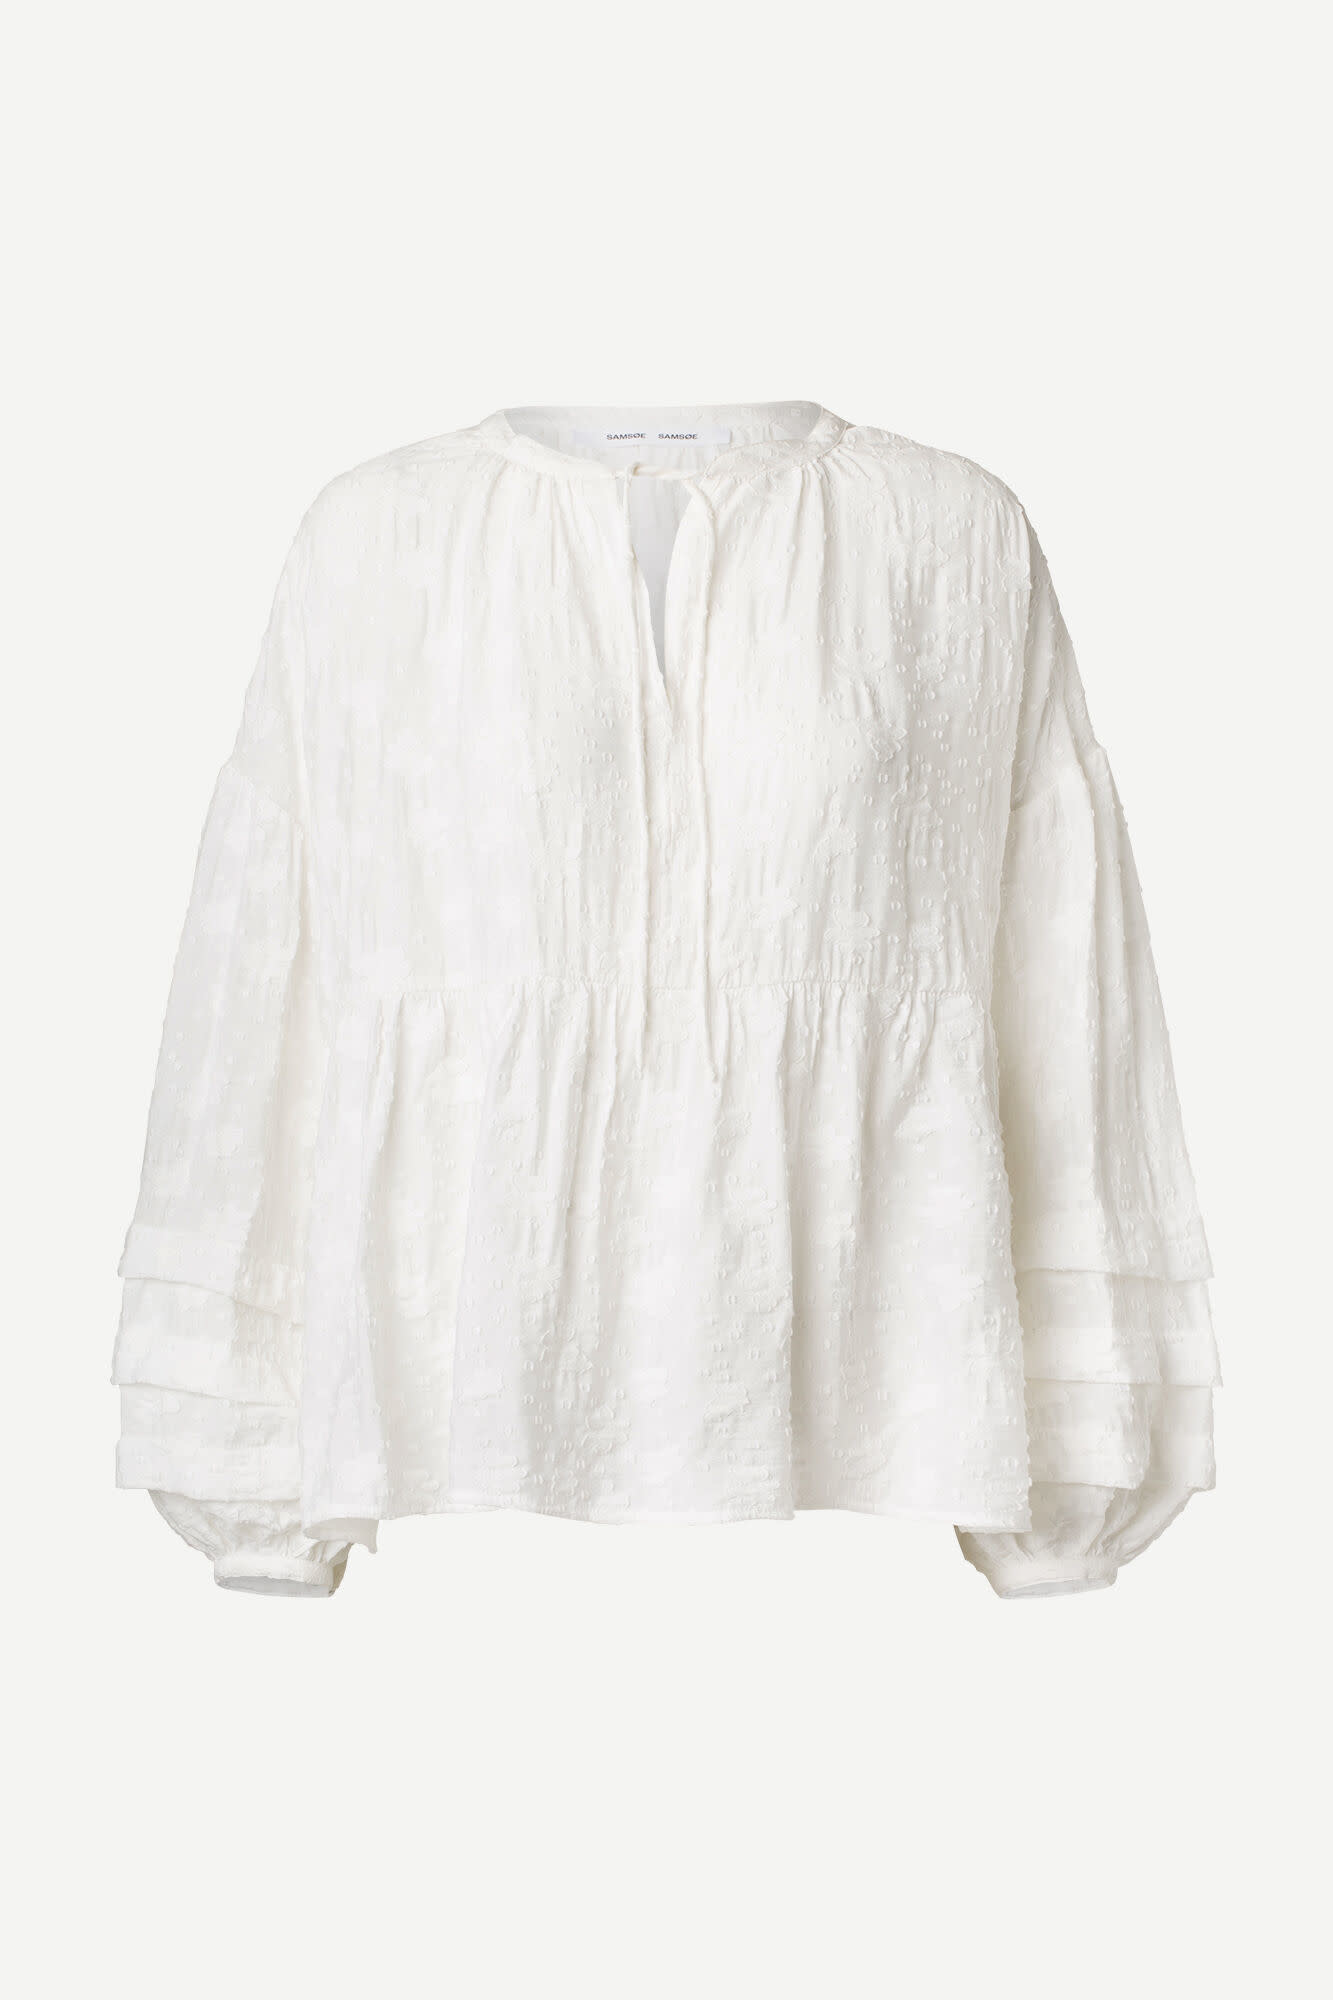 Roya Bohemian Cotton Blouse White-2